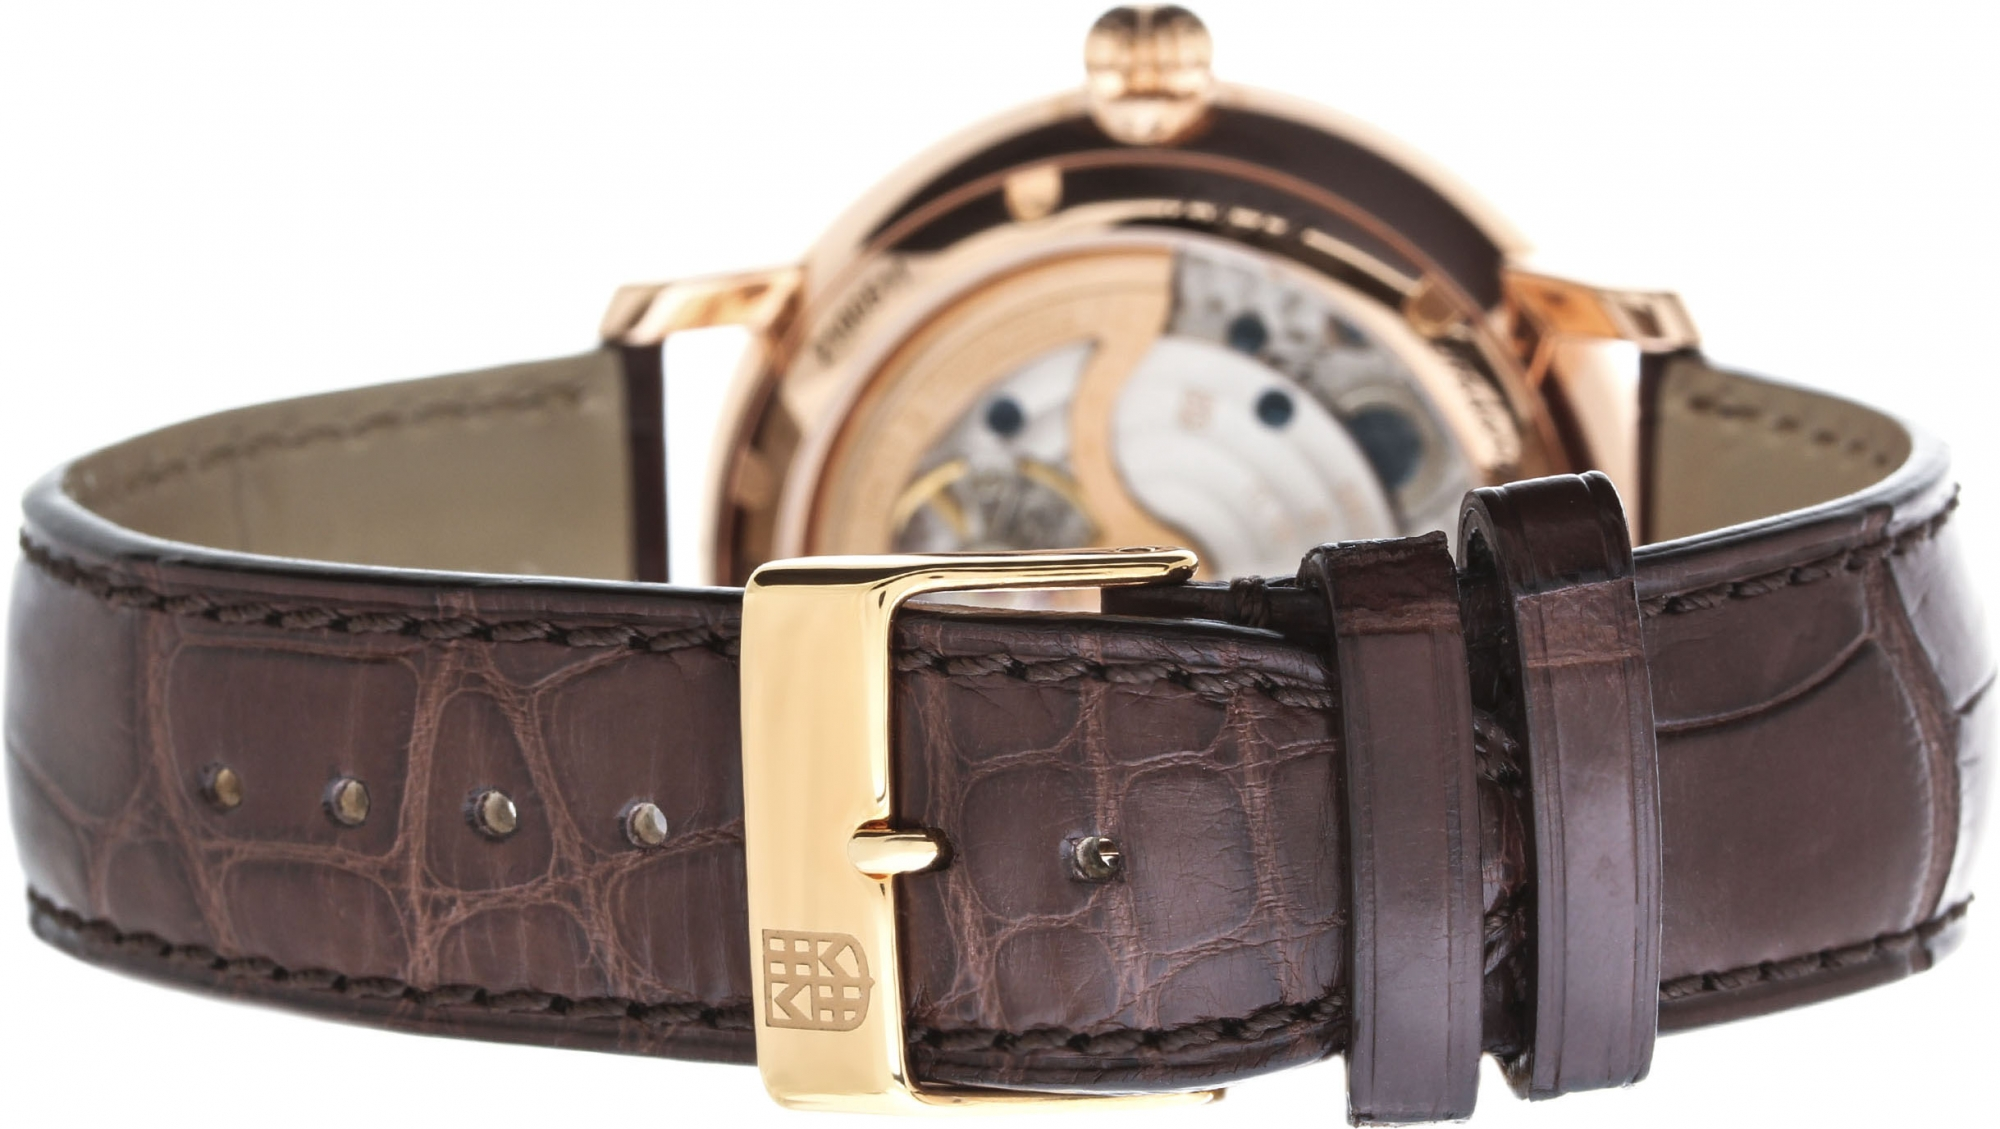 Frederique Constant Manufacture FC-705V4S4Наручные часы<br>Швейцарские часы Frederique Constant Manufacture FC-705V4S4<br><br>Пол: Мужские<br>Страна-производитель: Швейцария<br>Механизм: Механический<br>Материал корпуса: Сталь<br>Материал ремня/браслета: Кожа<br>Водозащита, диапазон: 20 - 100 м<br>Стекло: Сапфировое<br>Толщина корпуса: 11 мм<br>Стиль: Классика